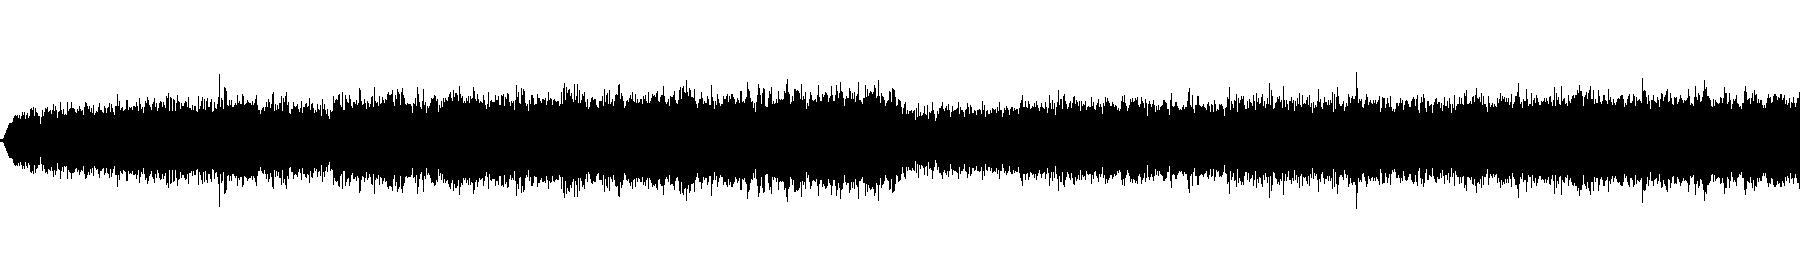 melody 21bpm80keye